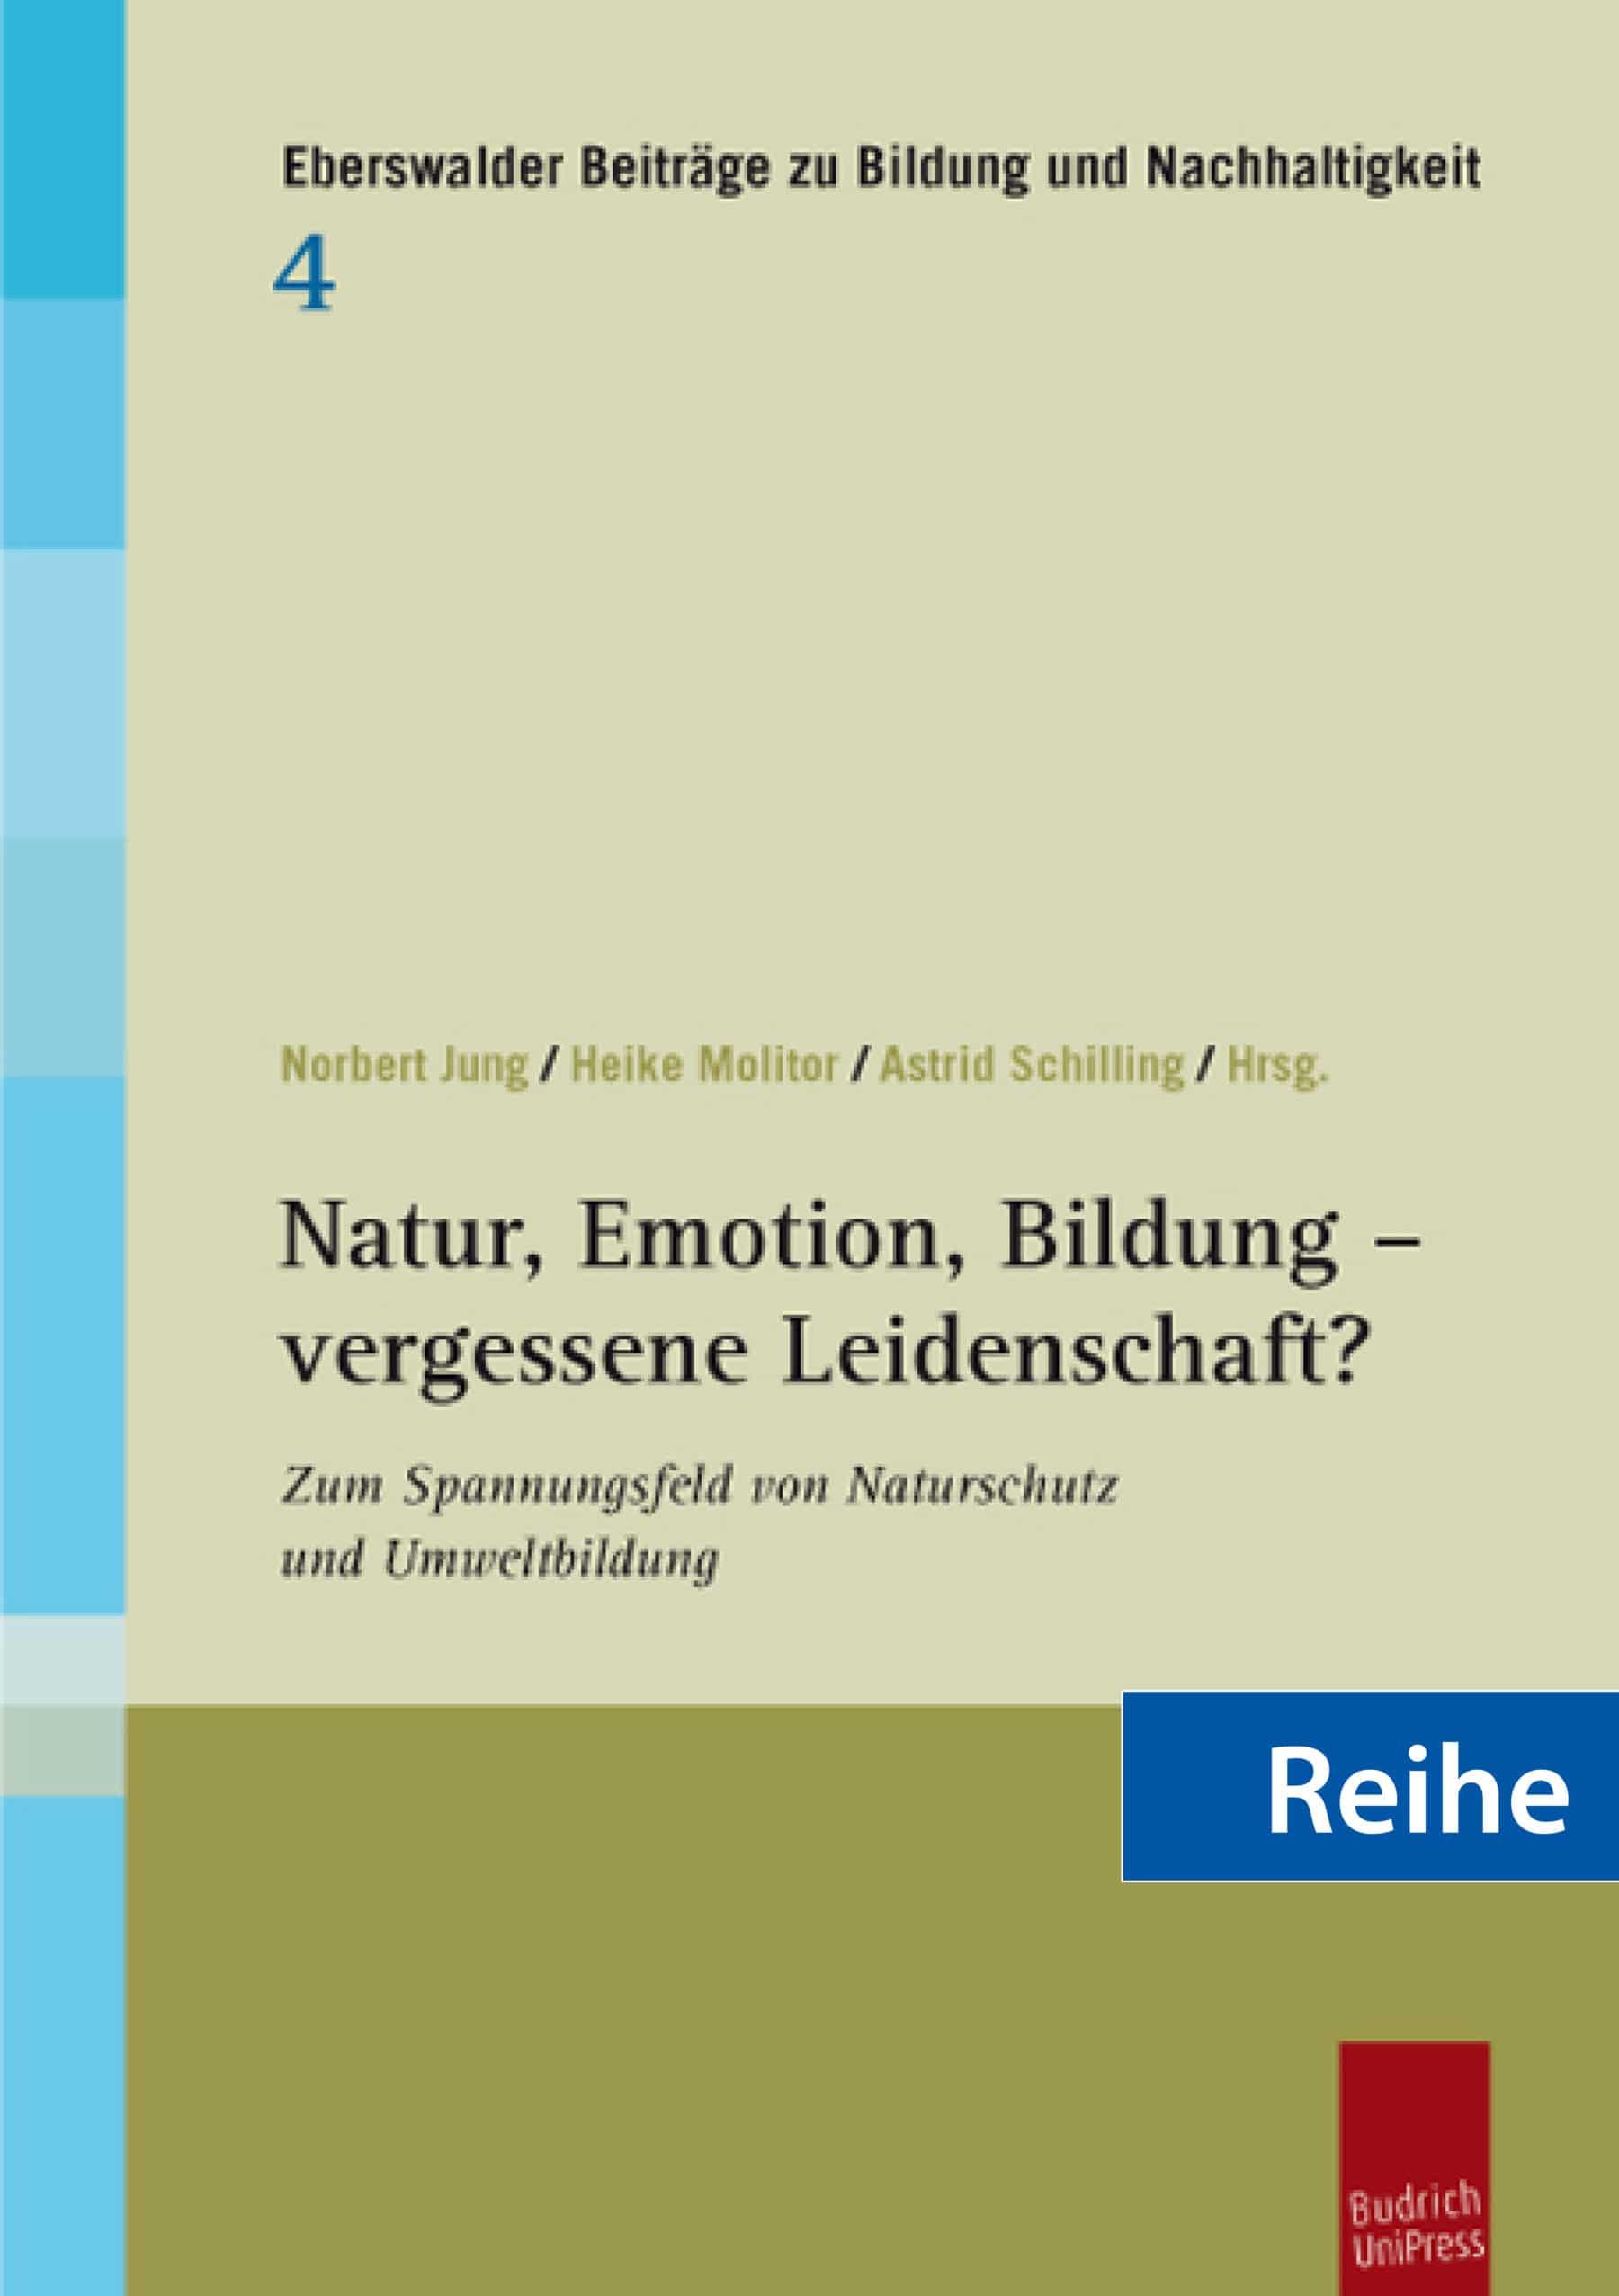 Reihe – Eberswalder Beiträge zu Bildung und Nachhaltigkeit